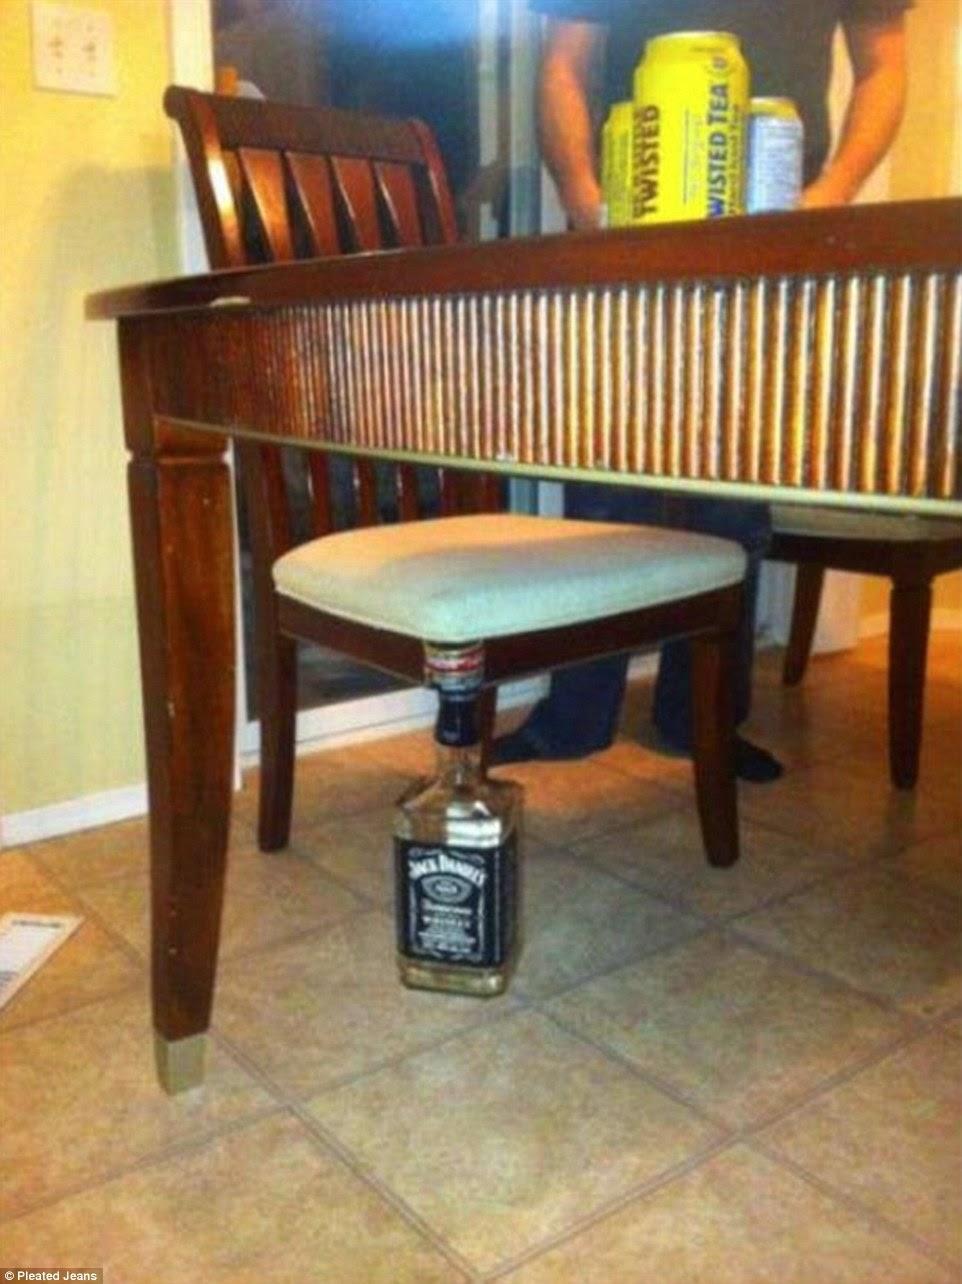 وضع زجاجة فارغة بدلا من ساق الكرسي